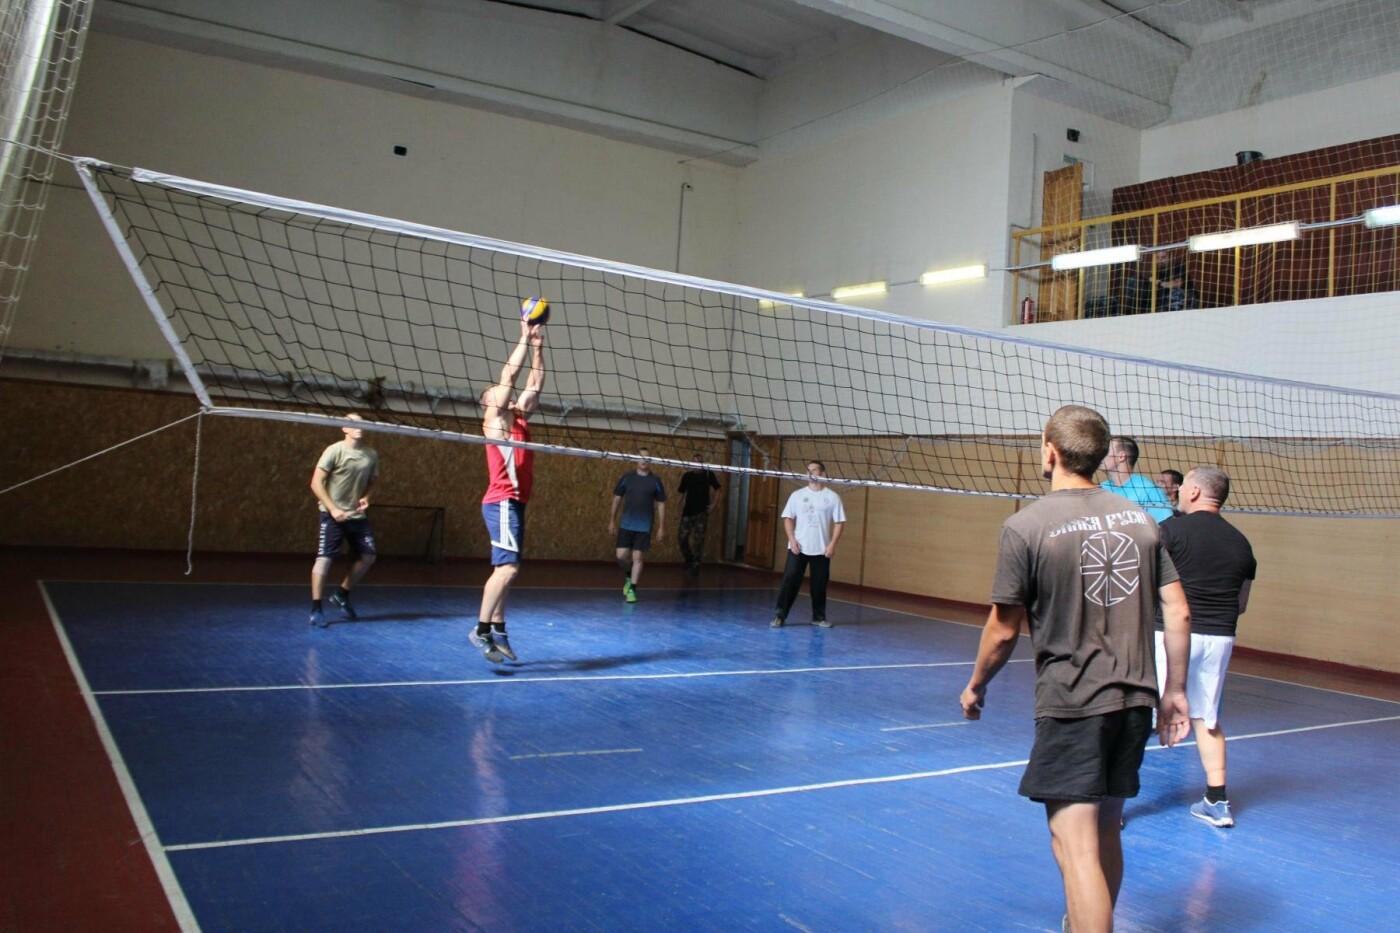 В Отделе Росгвардии по Псковской области прошел турнир по волейболу, фото-2